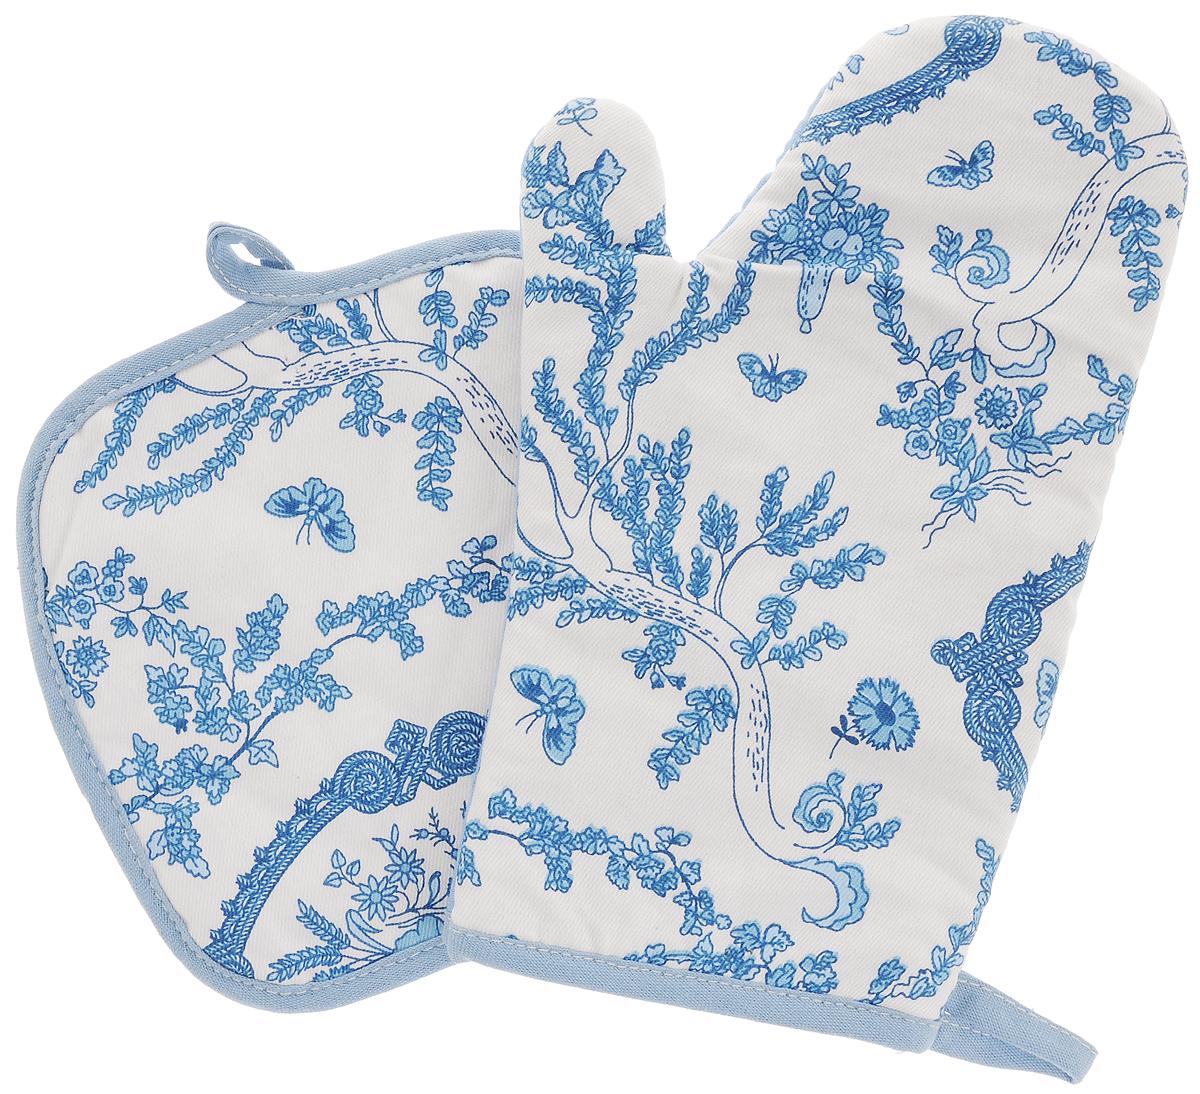 Набор прихваток Bonita Жуи, 2 предмета11010815725_набор1Набор Bonita Жуи состоит из прихватки- рукавицы и квадратной прихватки. Изделия выполнены из натурального хлопка и декорированы оригинальным рисунком. Прихватки простеганы, а края окантованы. Оснащены специальными петельками, за которые их можно подвесить на крючок в любом удобном для вас месте. Такой набор красиво дополнит интерьер кухни. Размер прихватки-рукавицы: 16 х 28 см. Размер прихватки: 17 х 17 см.